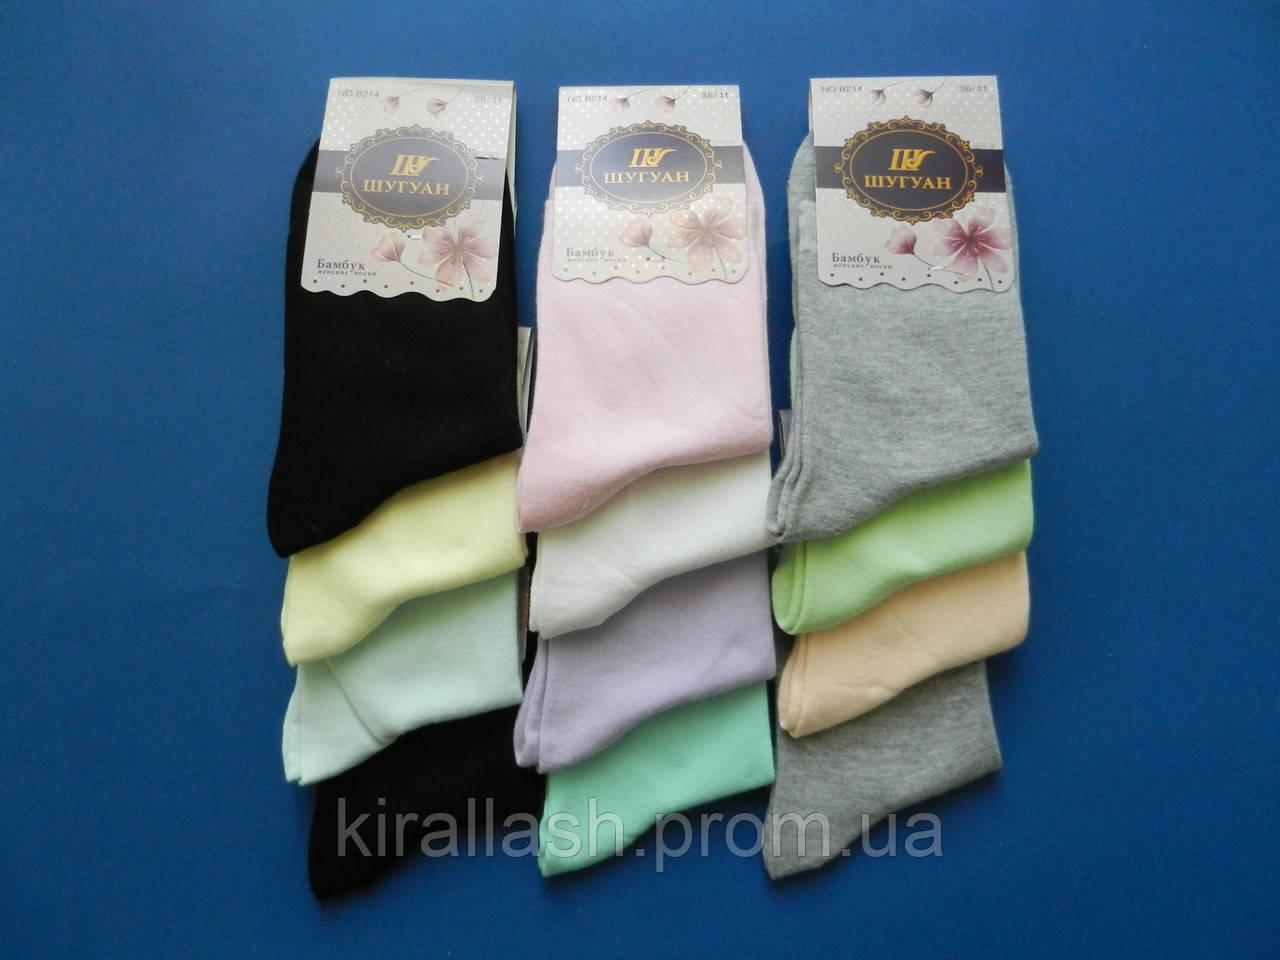 """Женские бамбуковые гладкие носки """"Шугуан"""" разные цвета"""